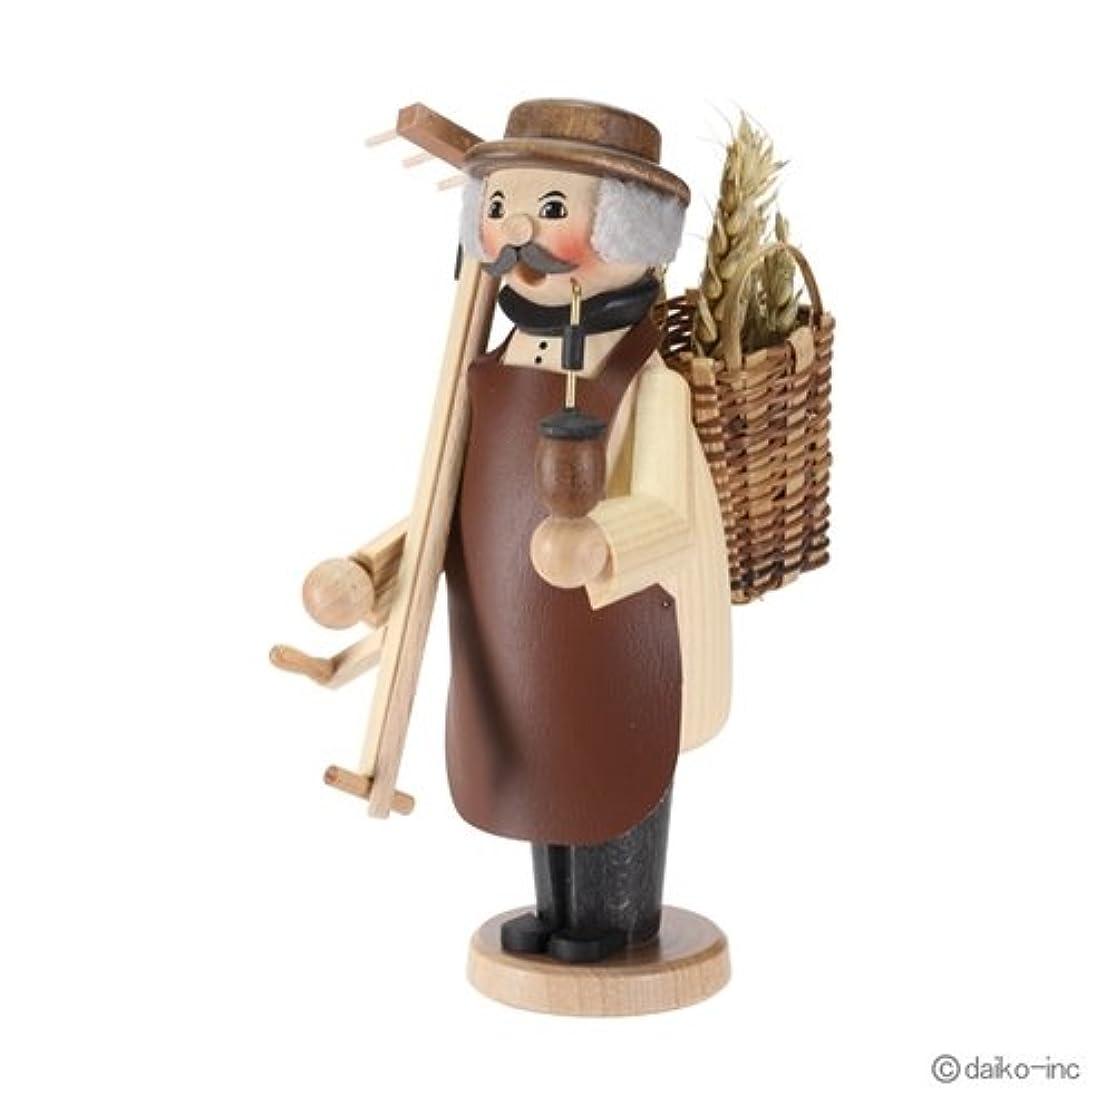 リングレットホステス生むクーネルト kuhnert ミニパイプ人形香炉 農夫